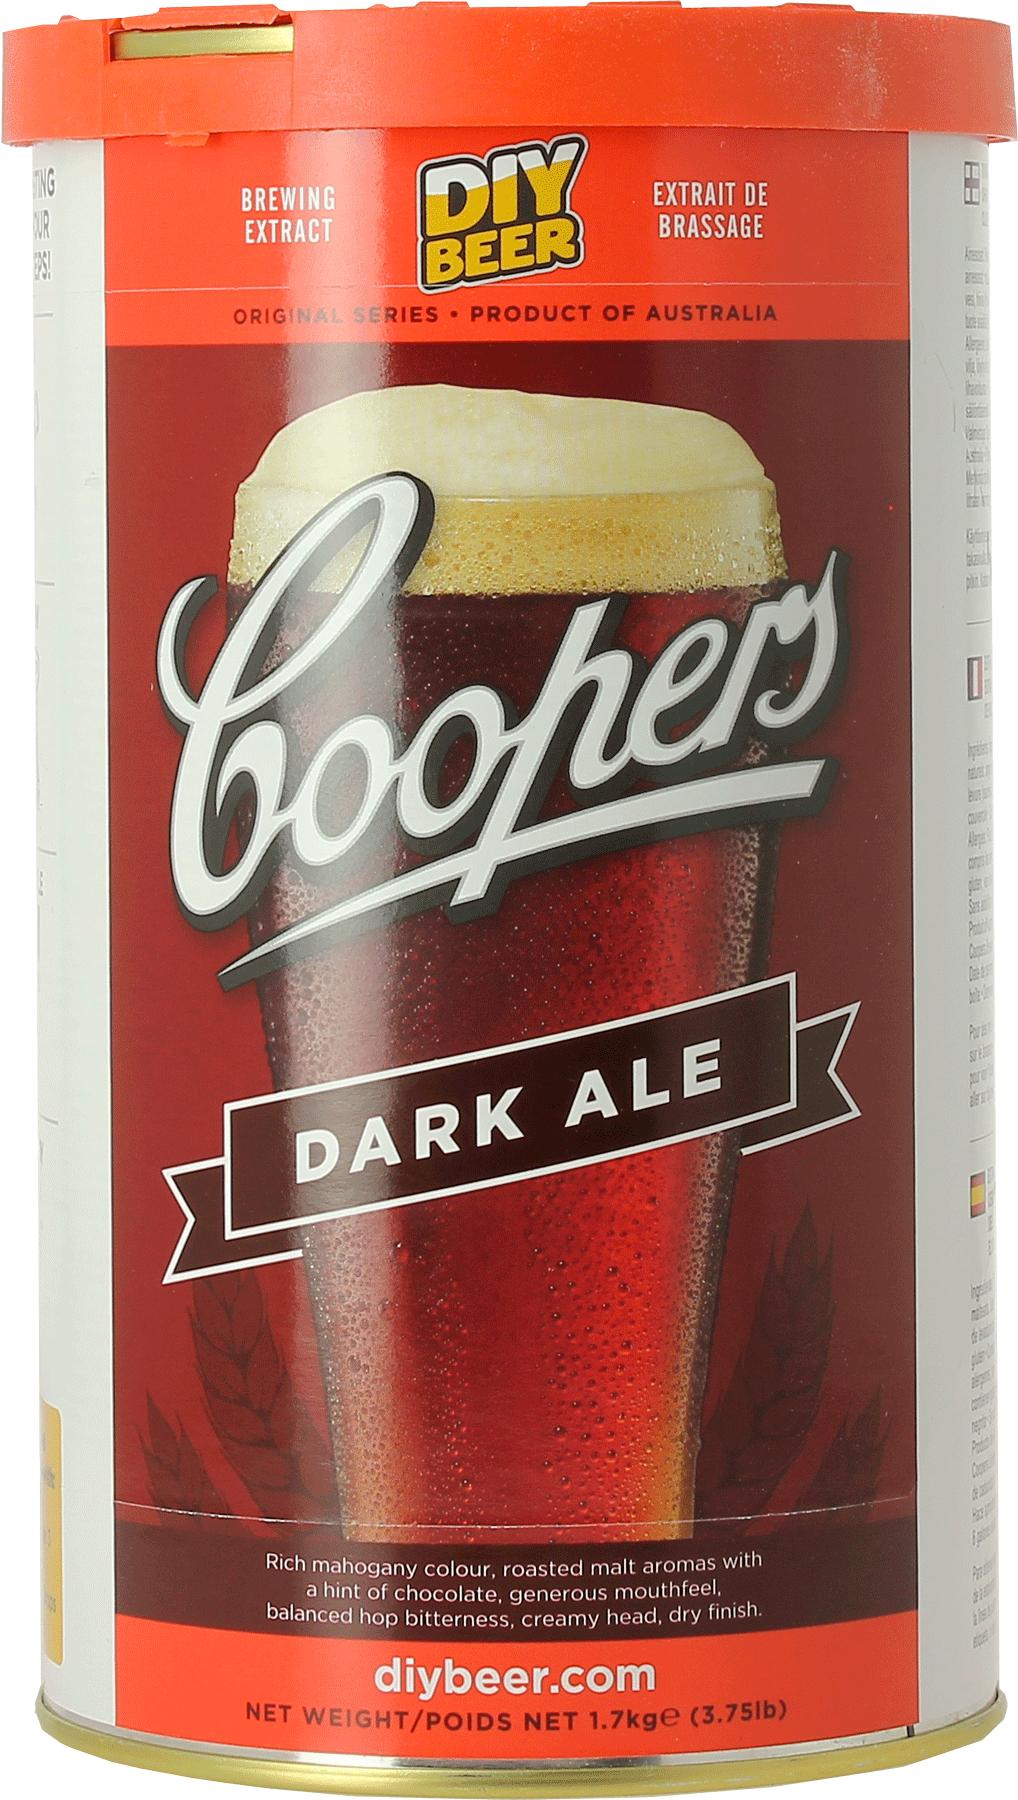 Kit de bière Dark Ale Coopers